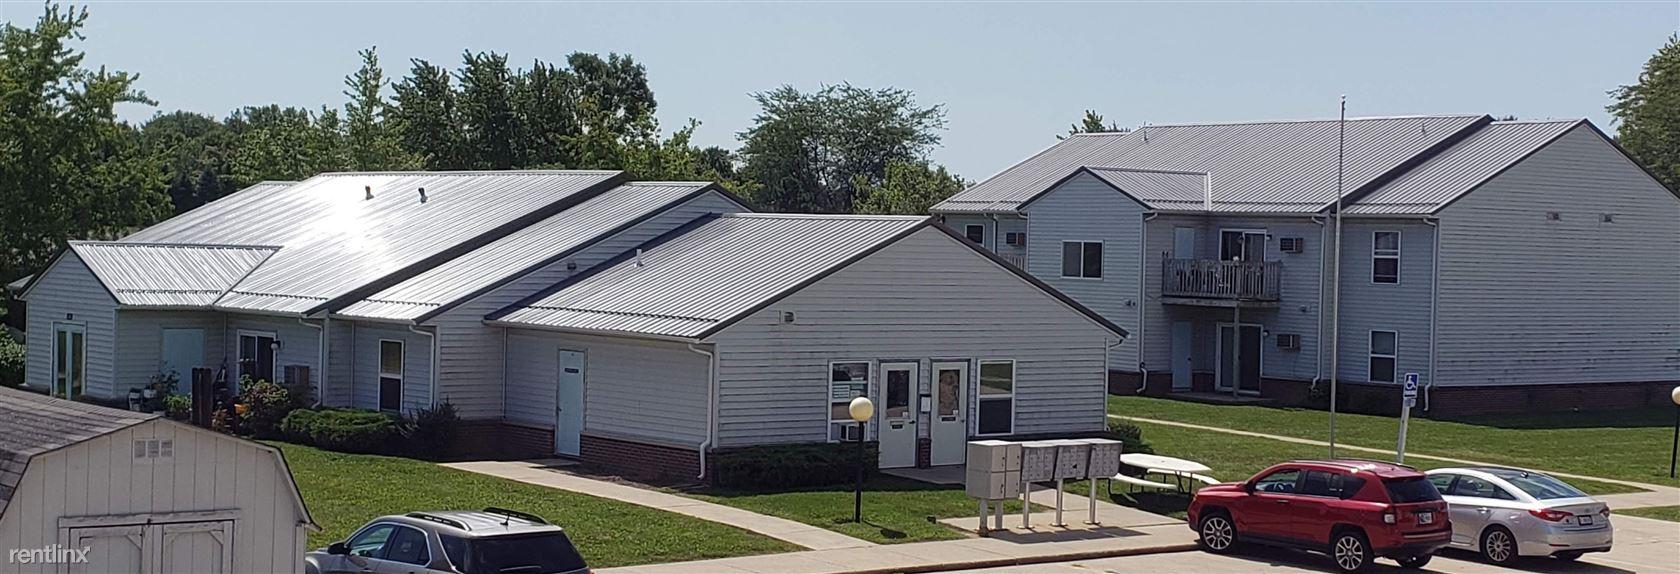 107 Chapel Ln, Ashley, IN - $510